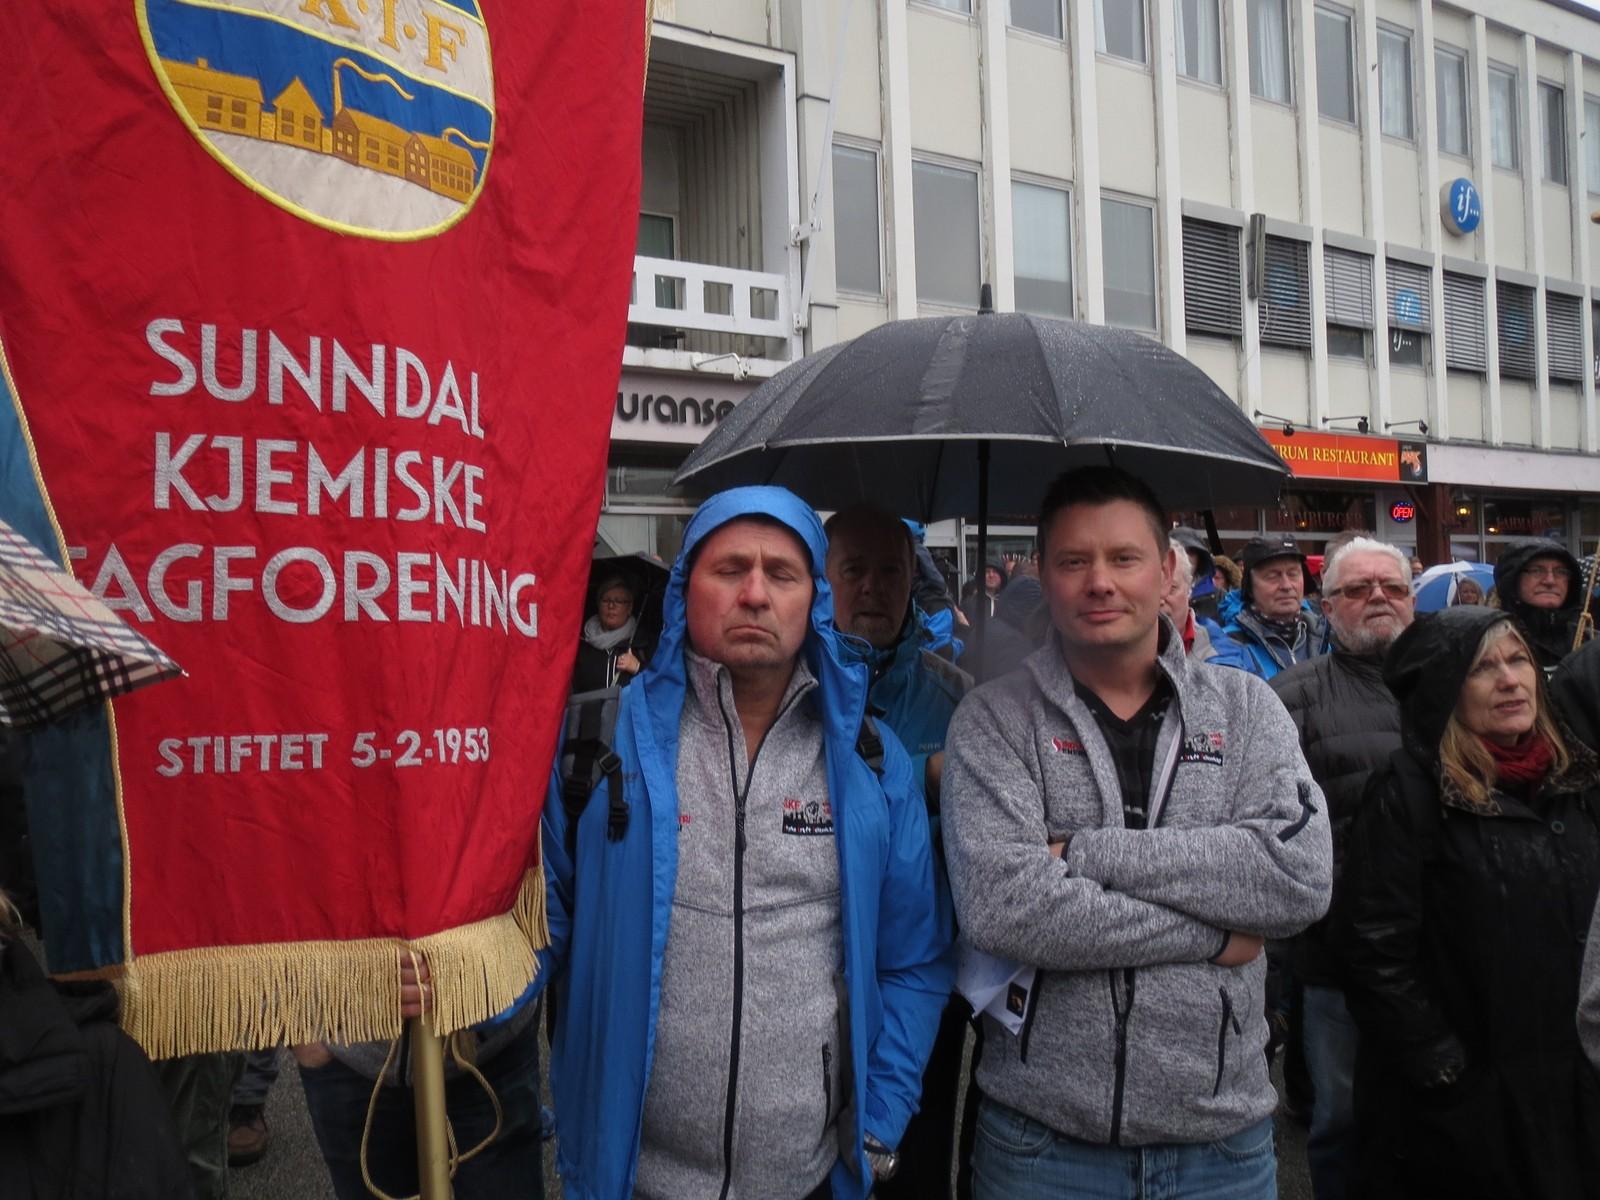 Tillitsvalgte fra Sunndal kjemiske fagforening var i Kristiansund for å vise solidaritet med kollegaene sine i Ello.